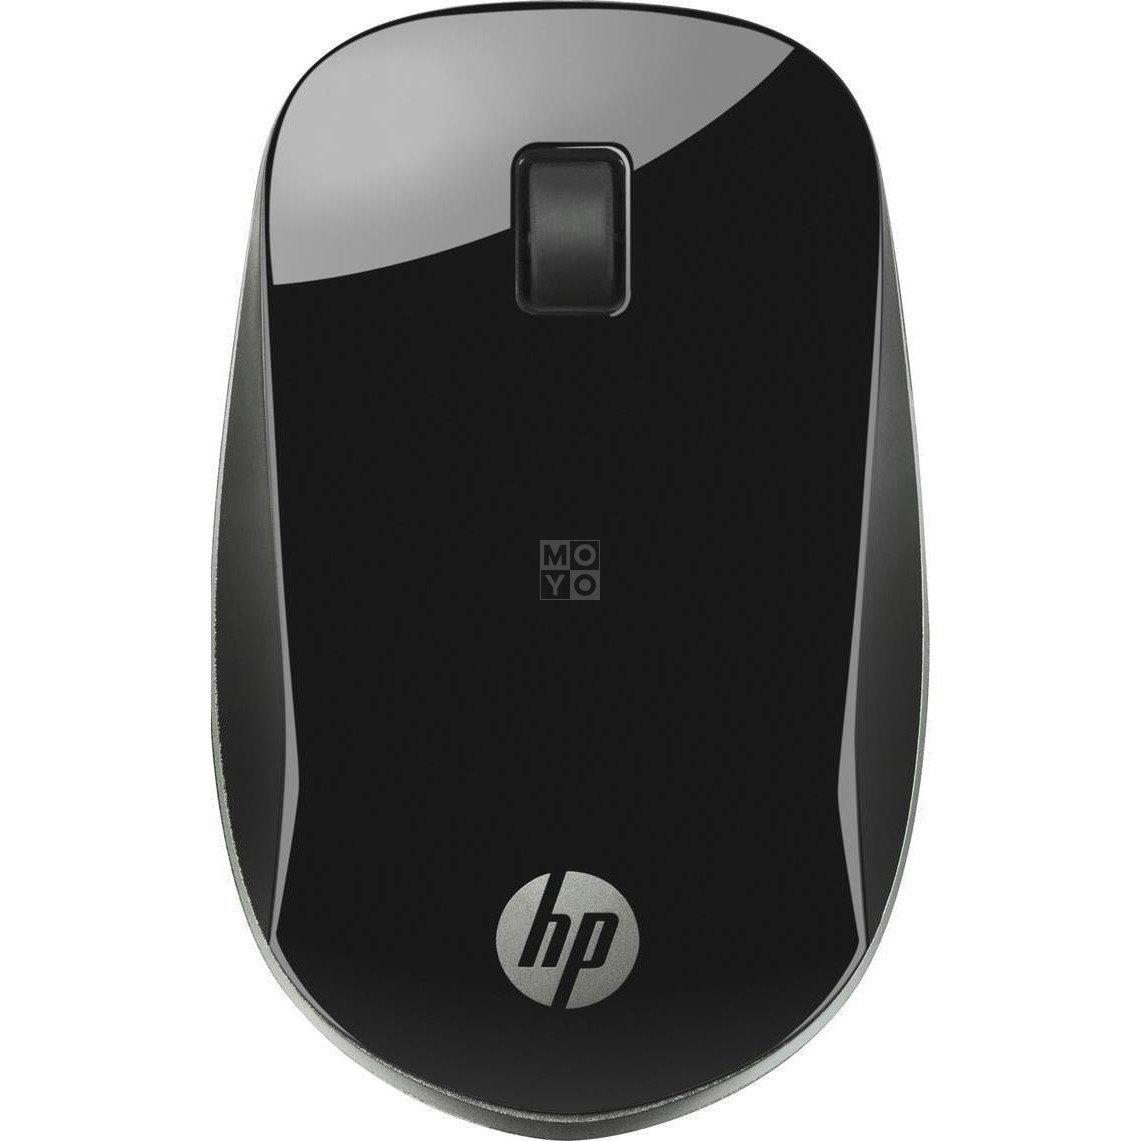 Мышь HP Z4000 Wireless Mouse (H5N61AA) фото